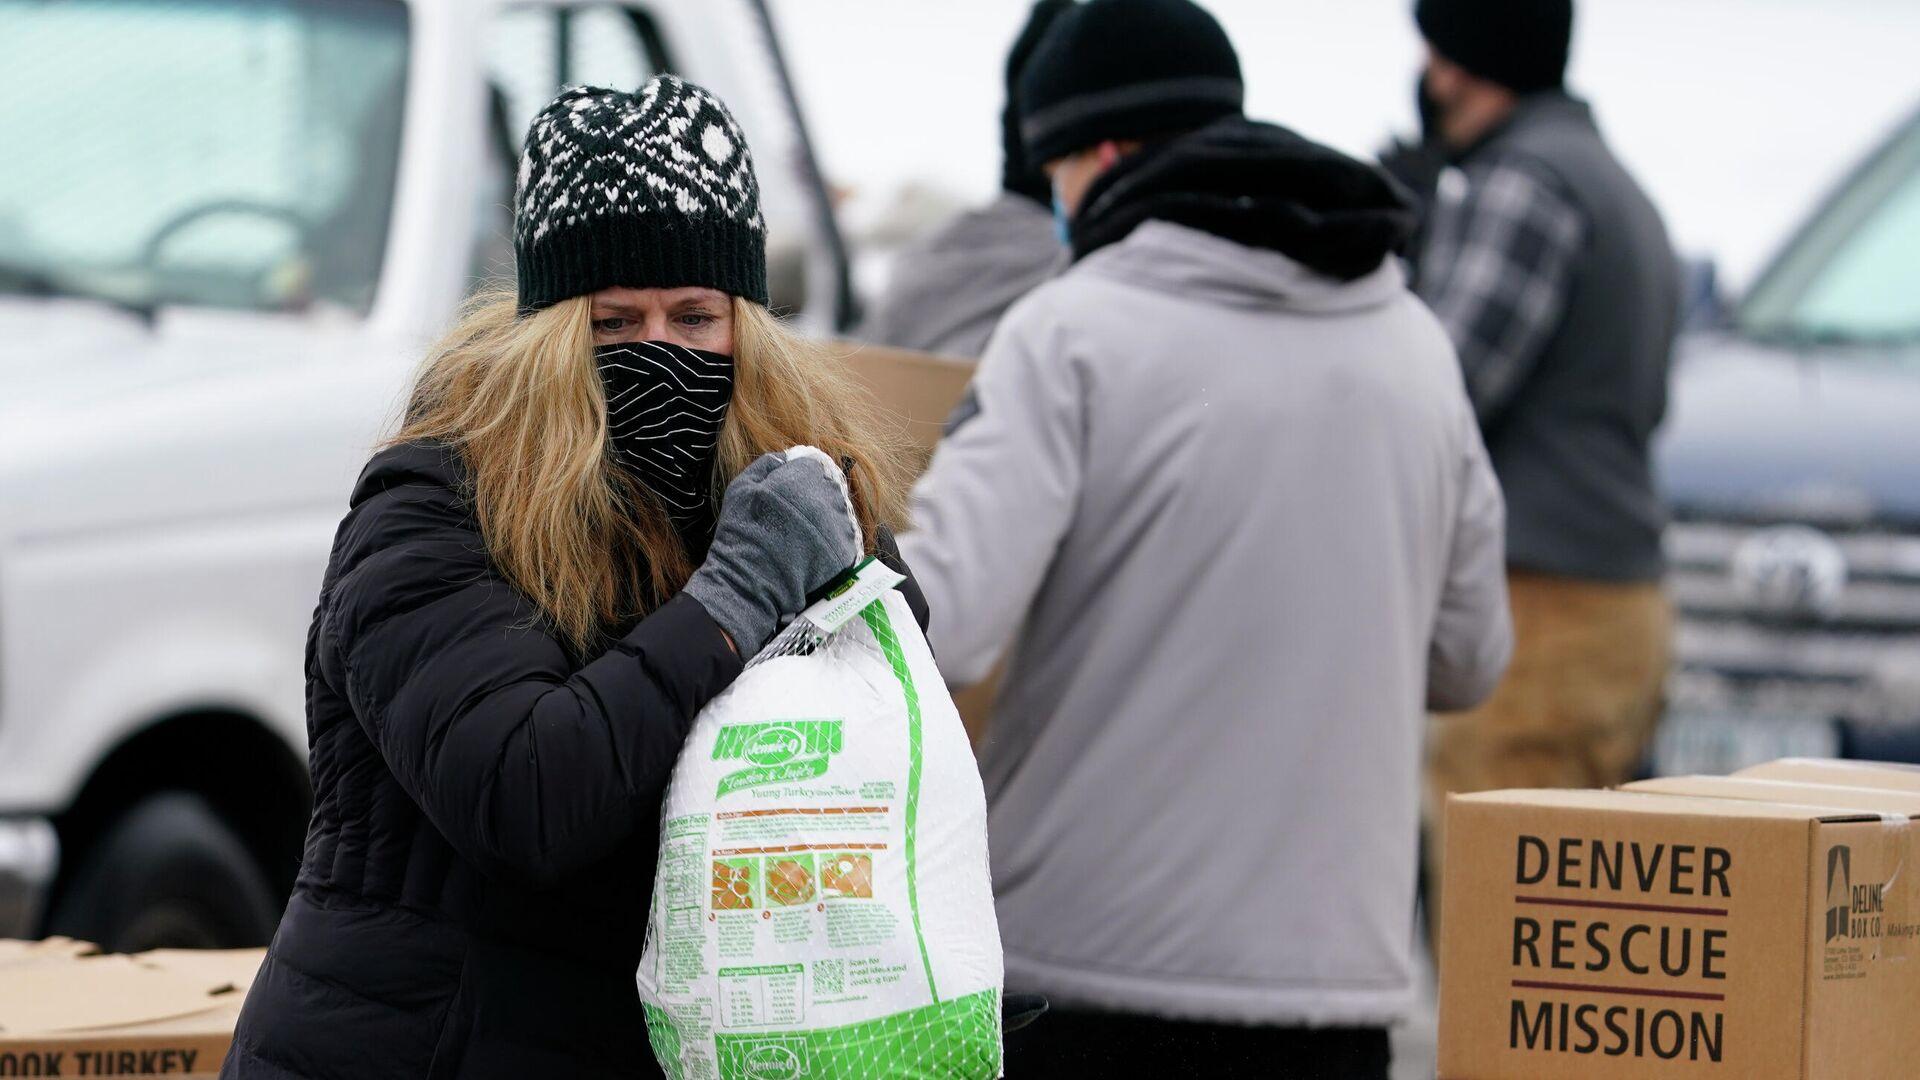 Волонтер с замороженной индейкой во время раздачи еды в рамках акции Банкет в коробке - РИА Новости, 1920, 28.11.2020